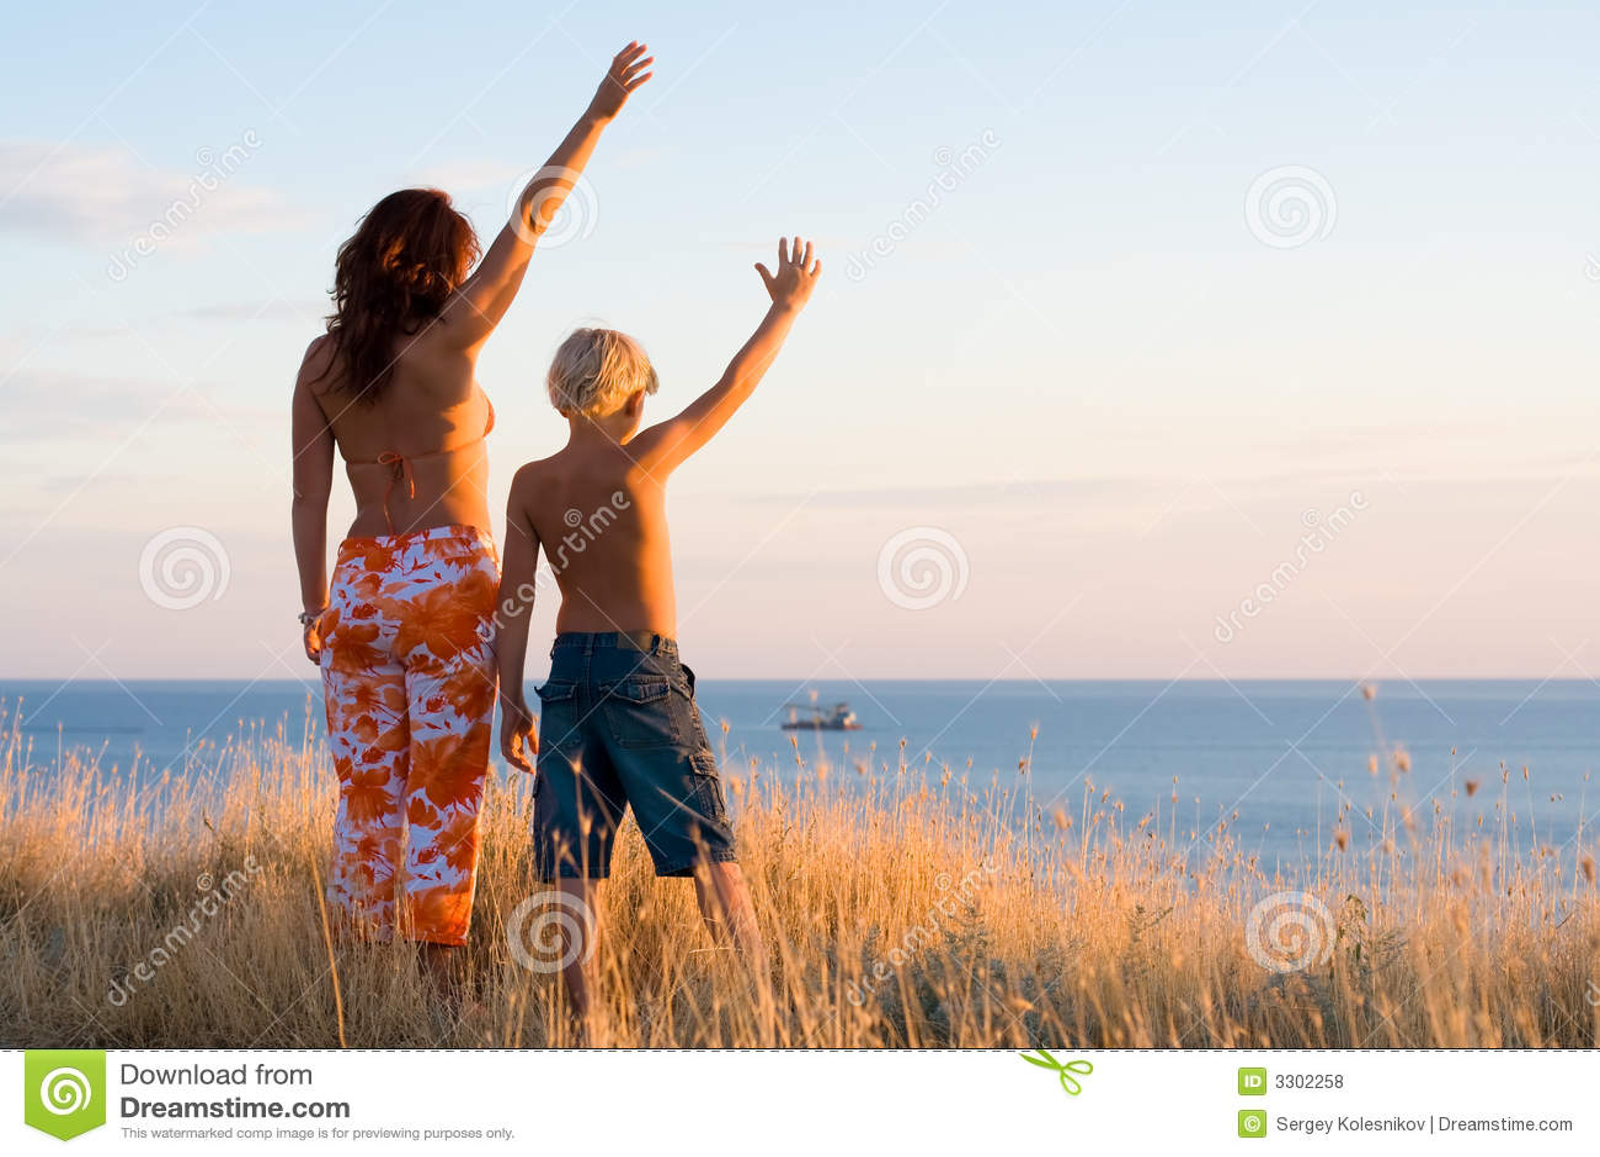 Частные фото мать и сын 10 фотография